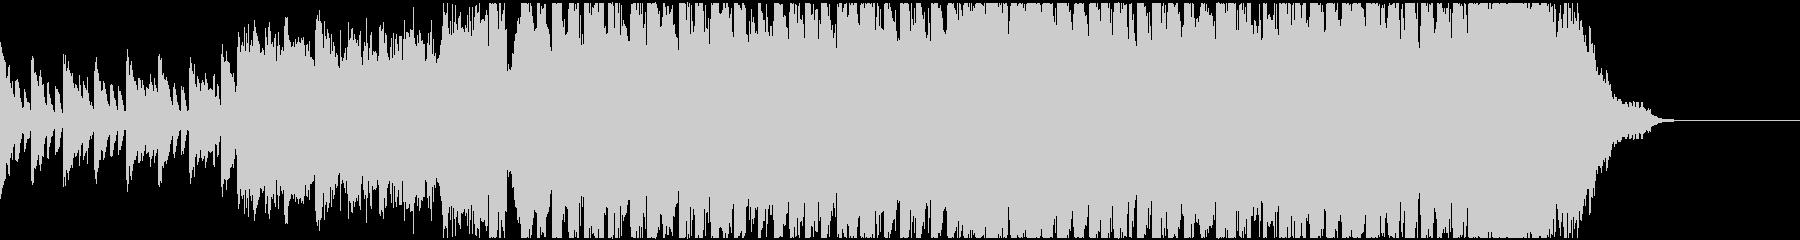 ミステリー系ドラマオープニング風BGMの未再生の波形